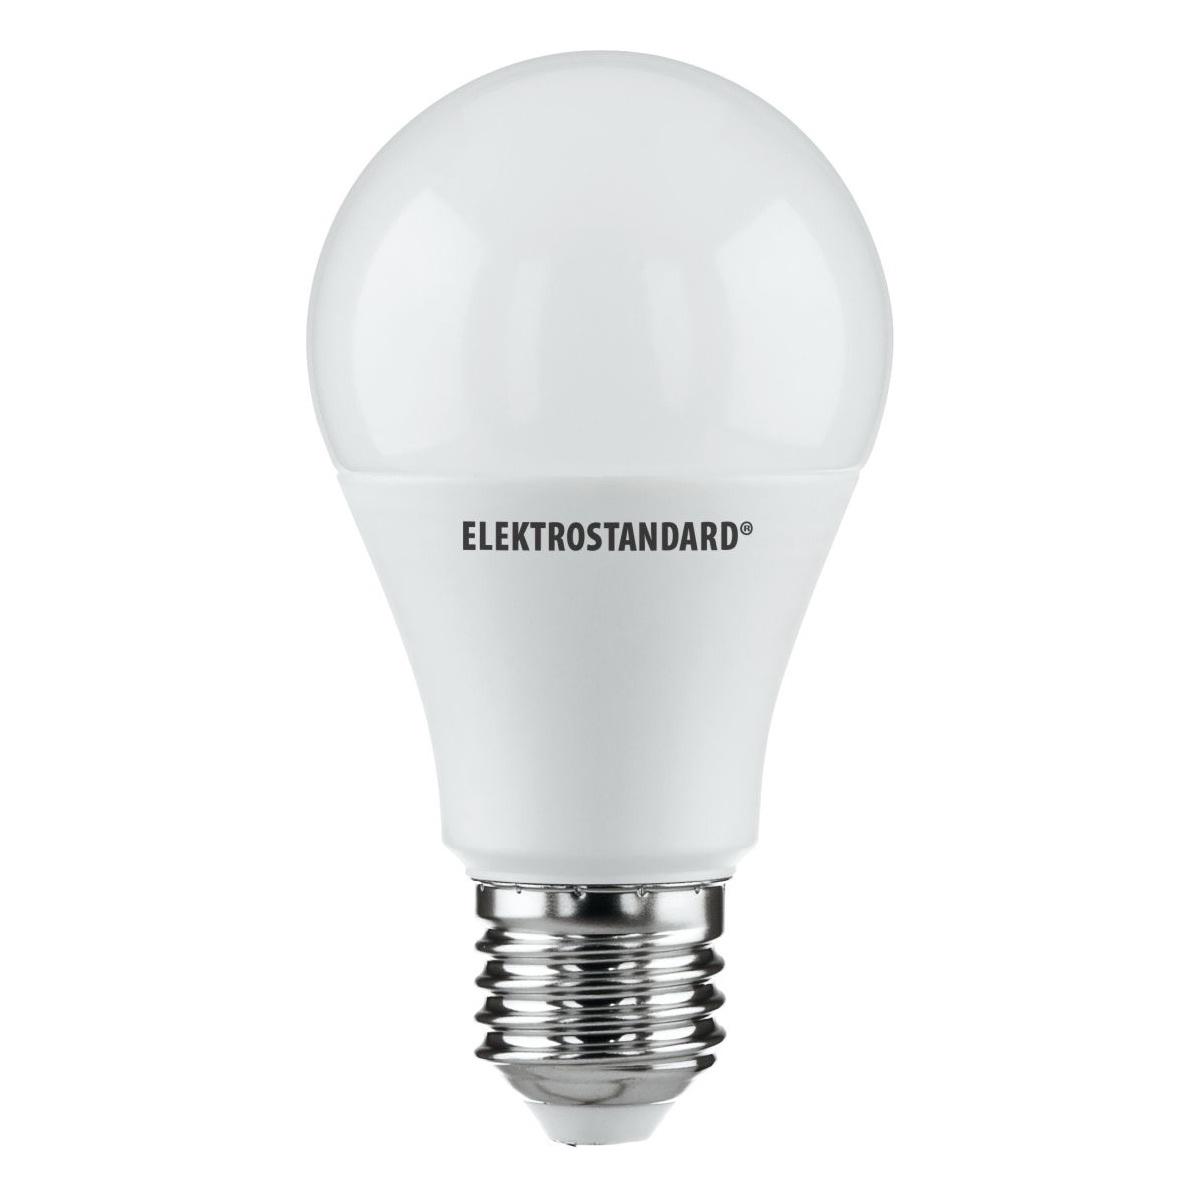 Лампочка Elektrostandard светодиодная Classic LED D 17W 3300K E27, Теплый свет 17 Вт, Светодиодная лампы светодиодная elektrostandard classic led d 7w 4200k e27